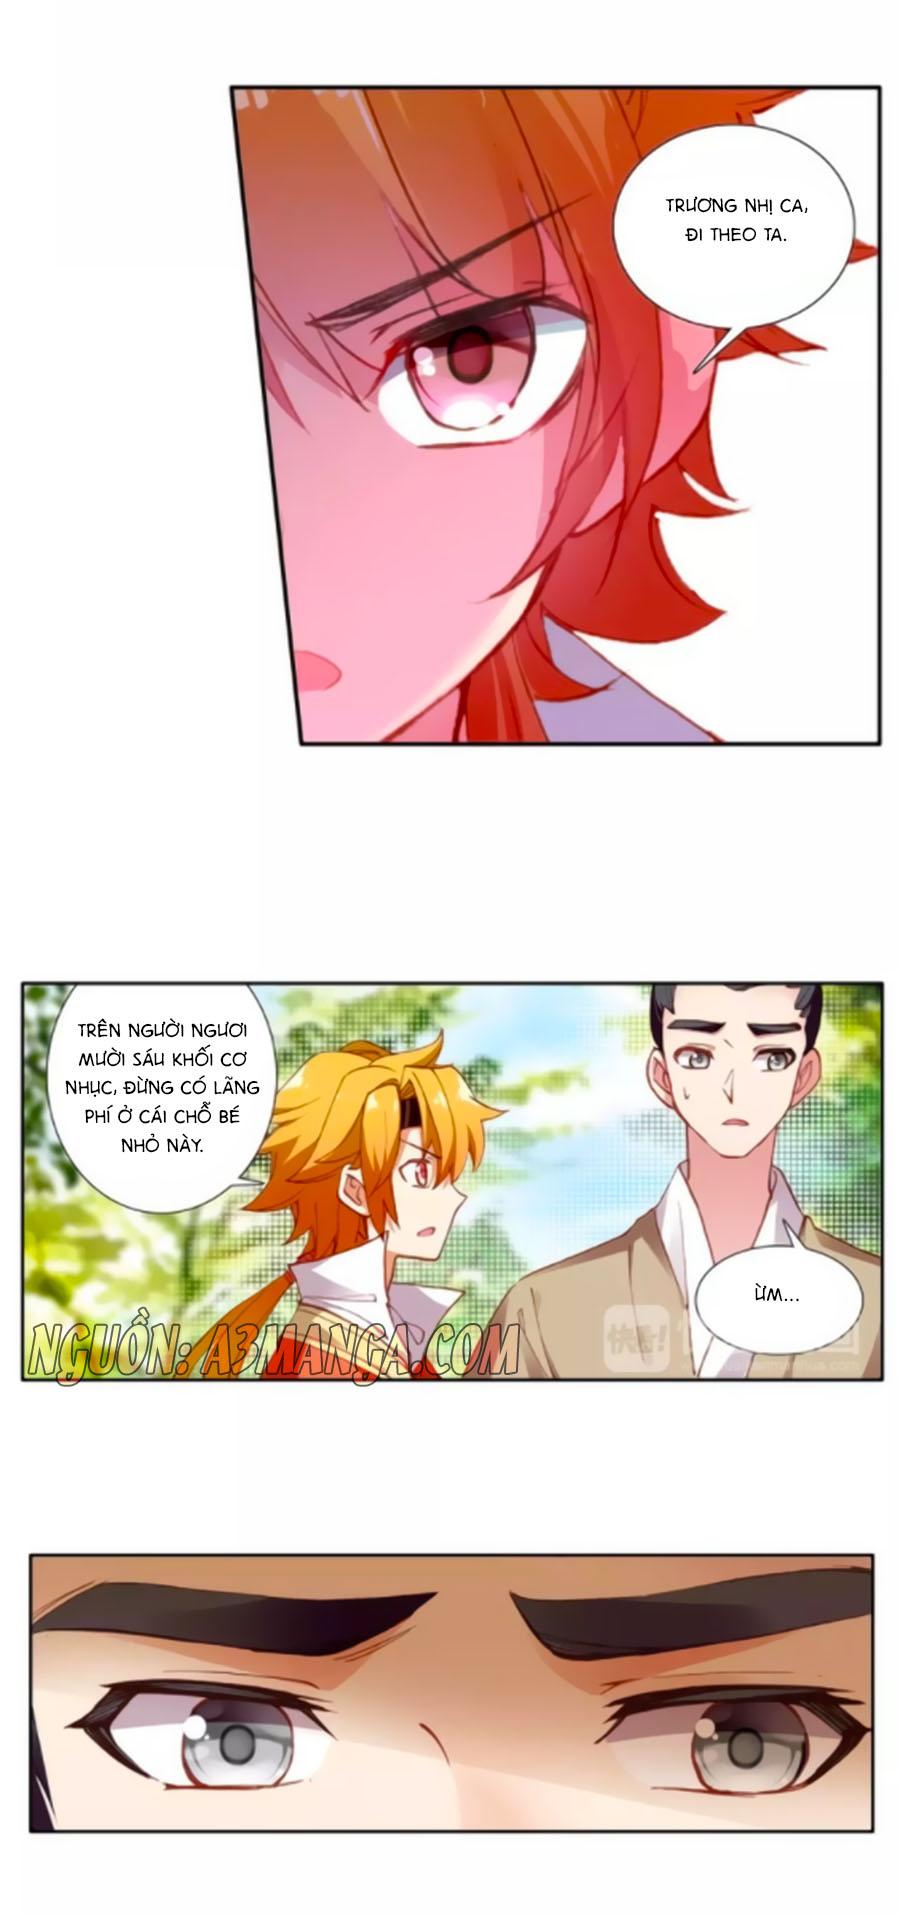 Trâm Trung Lục trang 17